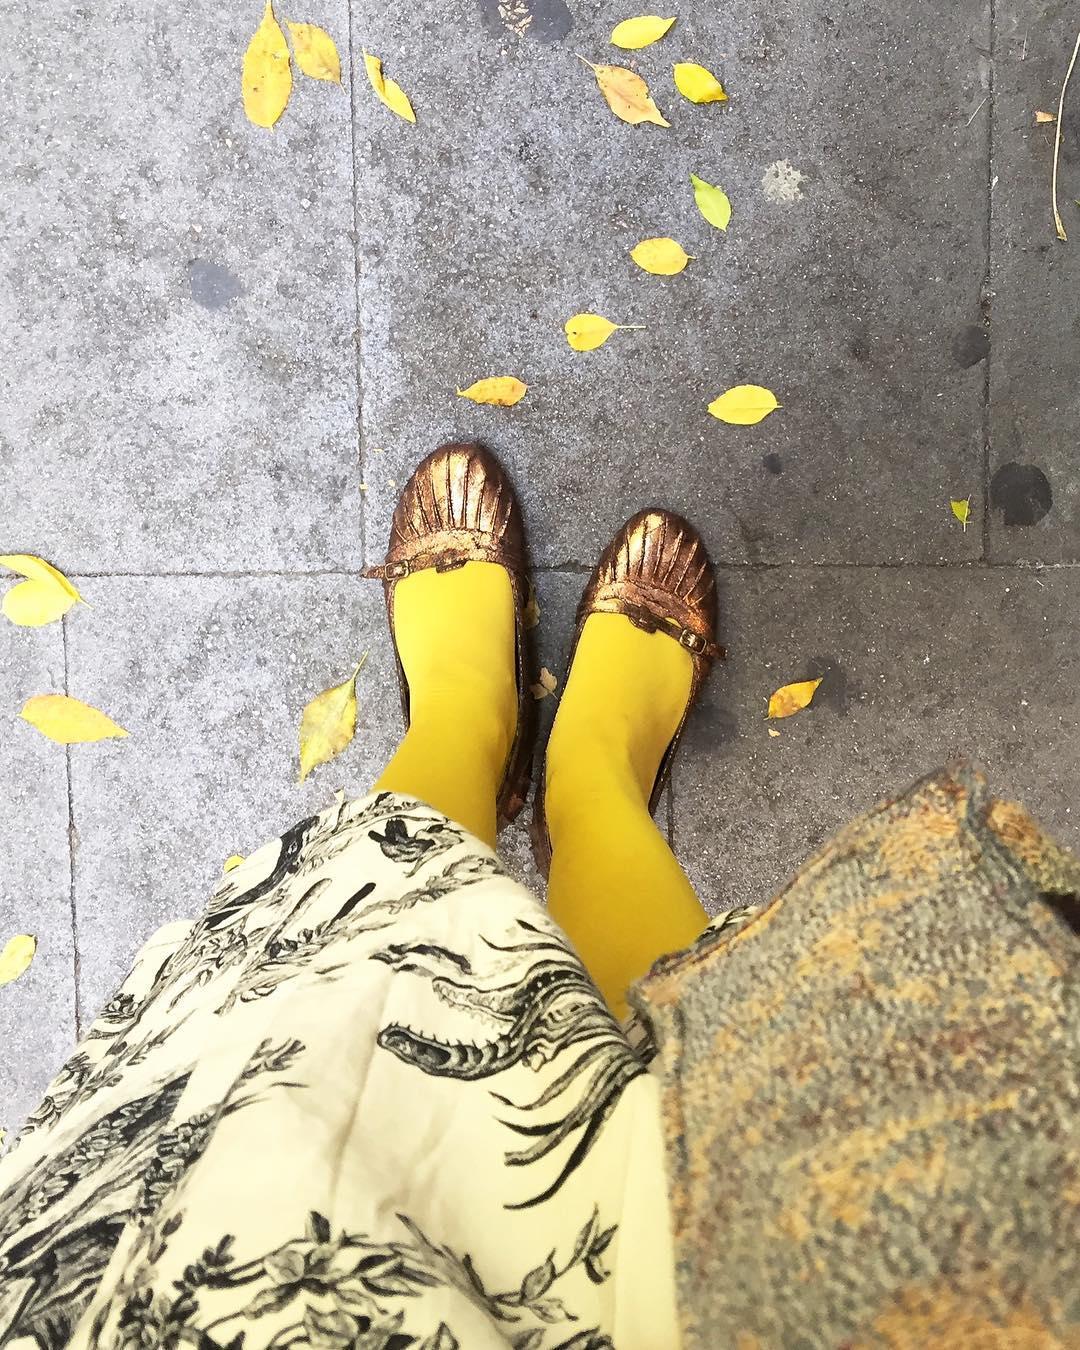 """""""¿Cómo podré llegar hasta allí?"""", pregunta Dorothy. """"Sigue el camino de baldosas amarillas"""", responde con naturalidad la Bruja Buena del Norte. """"The Wizard of Oz"""", 1939"""